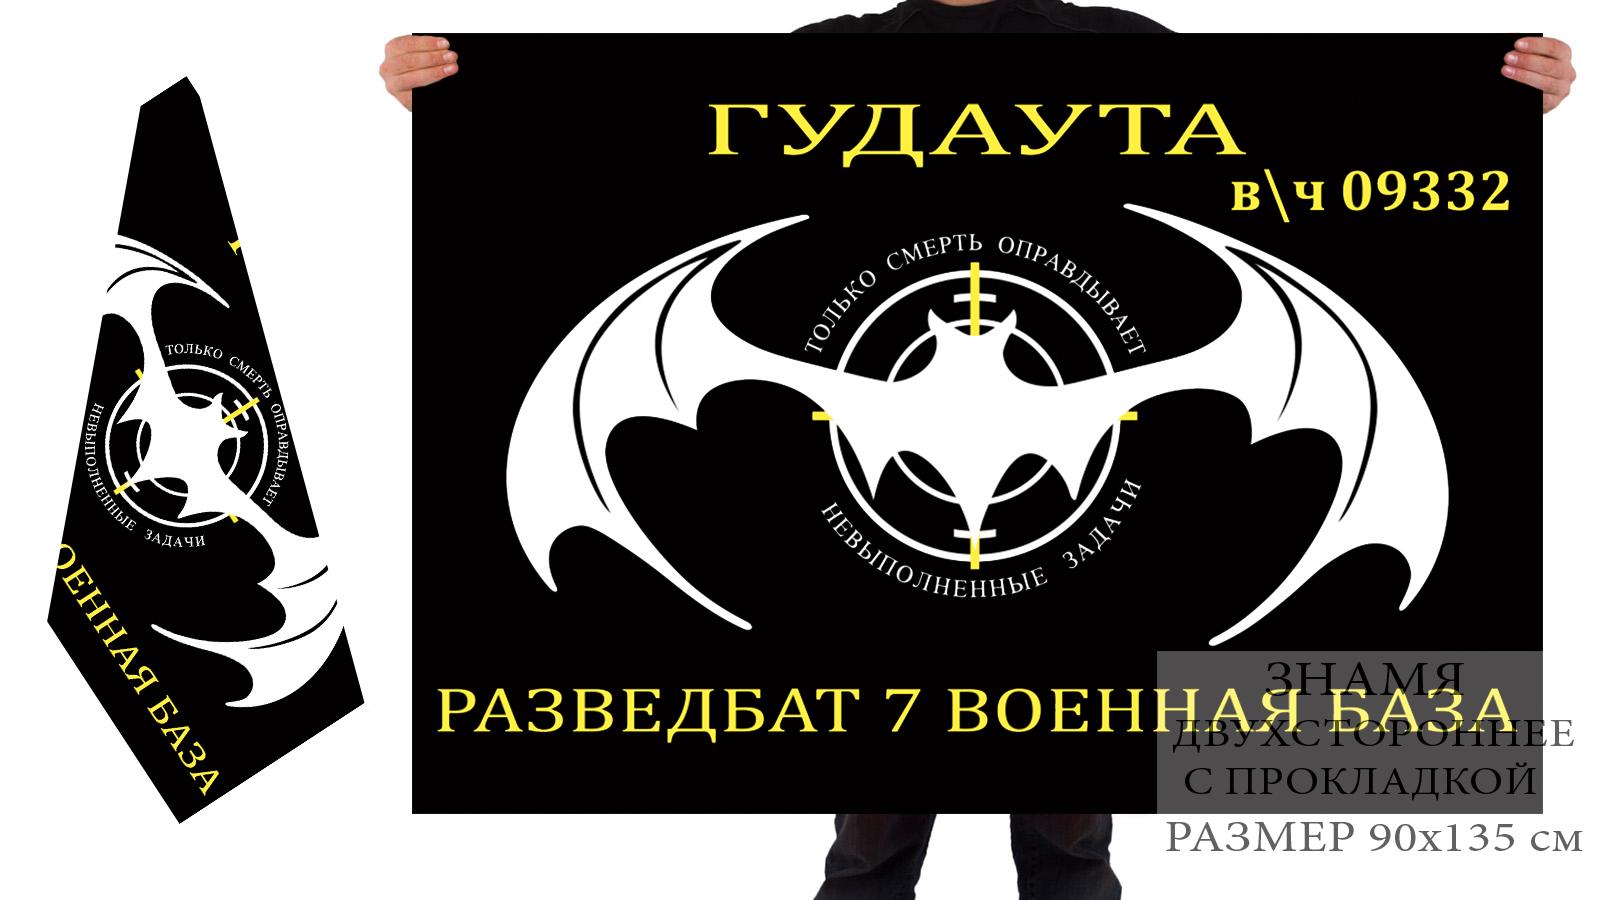 Двусторонний флаг разведбата 7 военной базы спецназа ГРУ